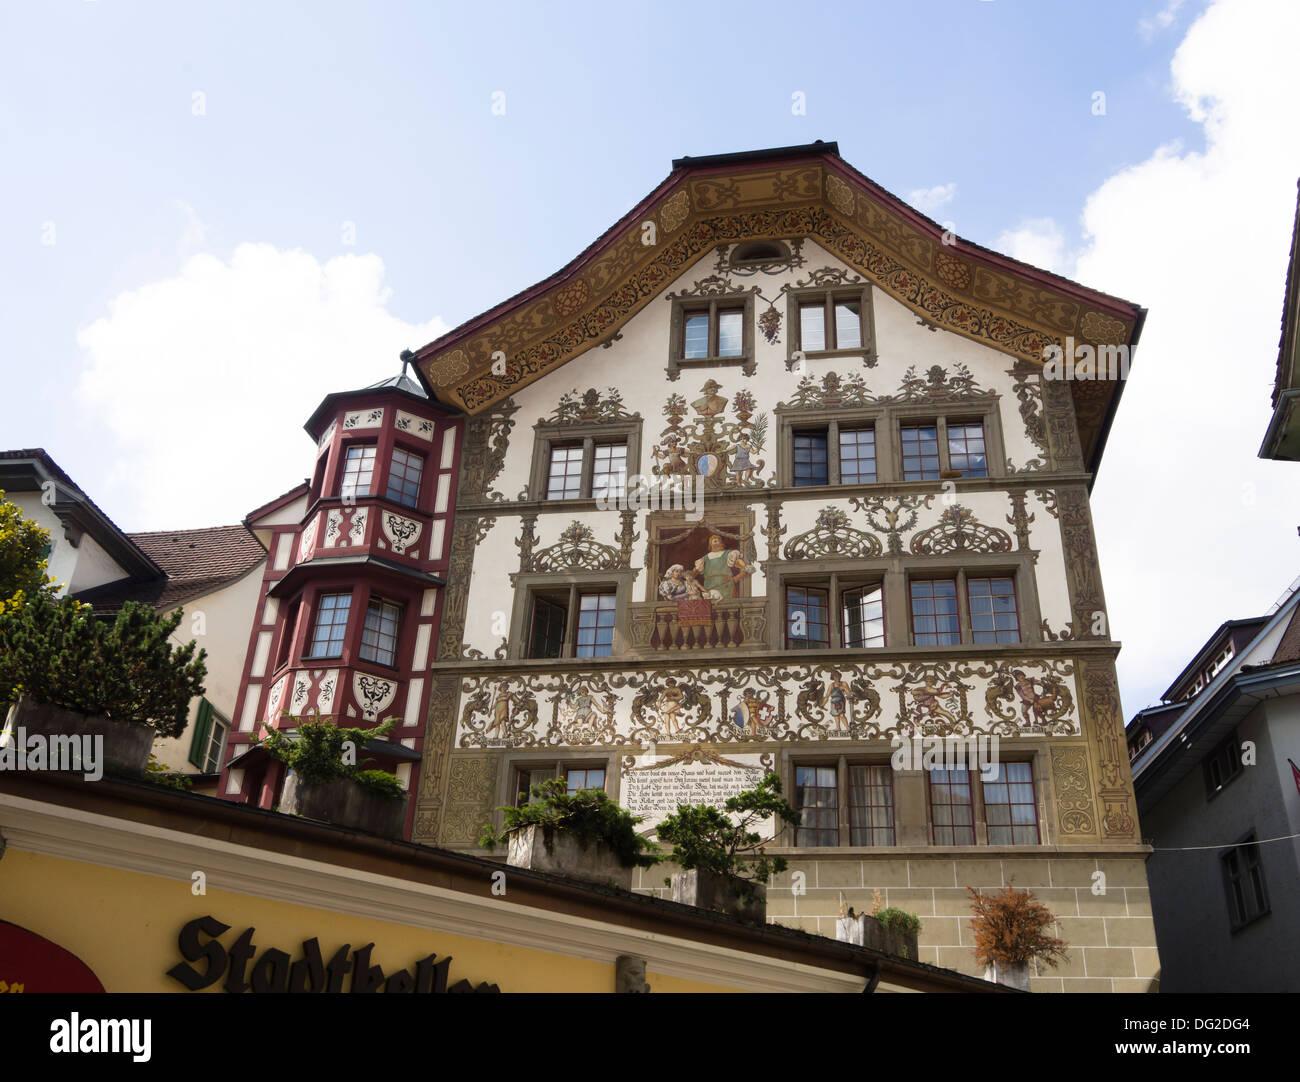 Luzern Eine Wunderschöne Altstadt Und Beliebtes Touristenziel, Dekoriert  Mit Reich Verzierten Fassade Des Hauses Stockbild